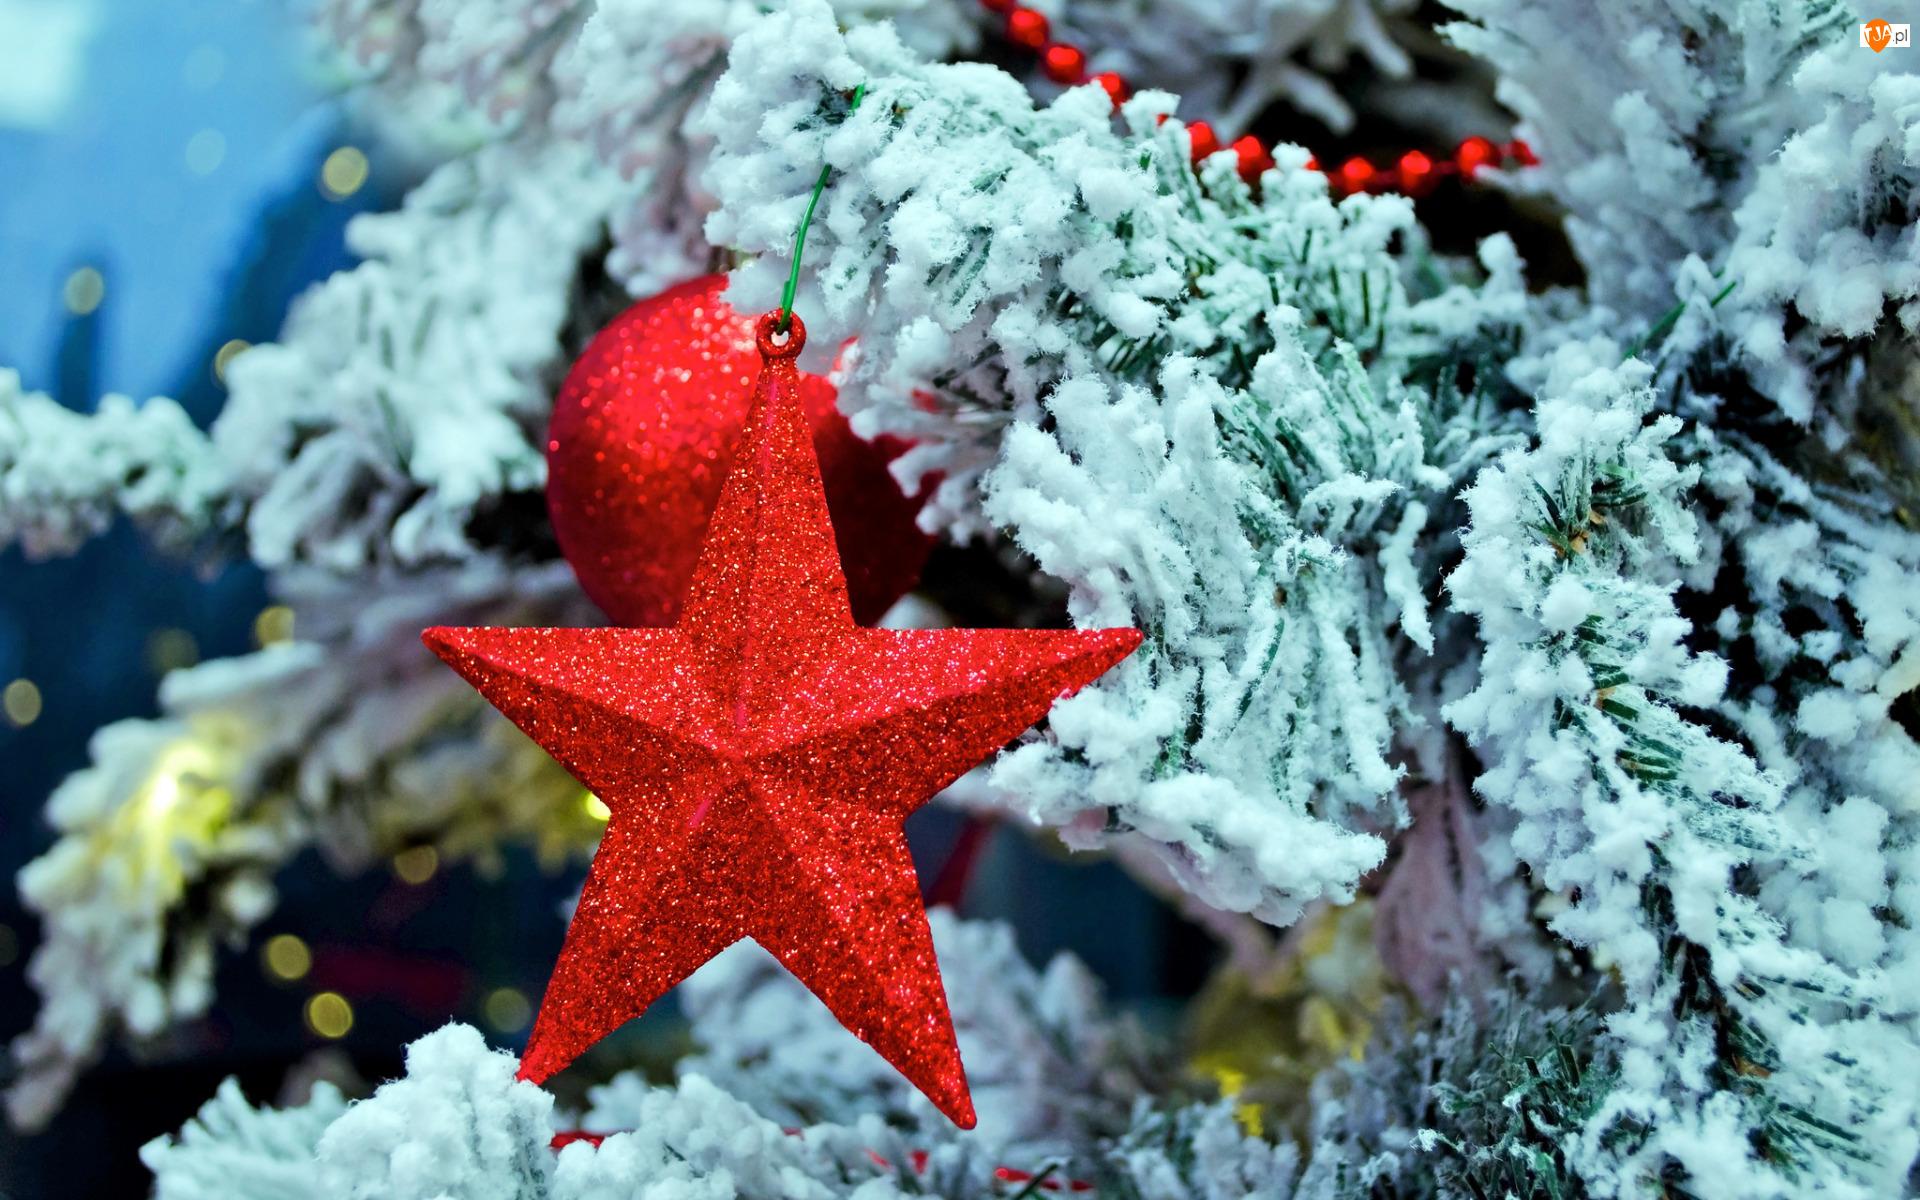 Bombka, Boże Narodzenie, Gwiazdka, Czerwona, Koraliki